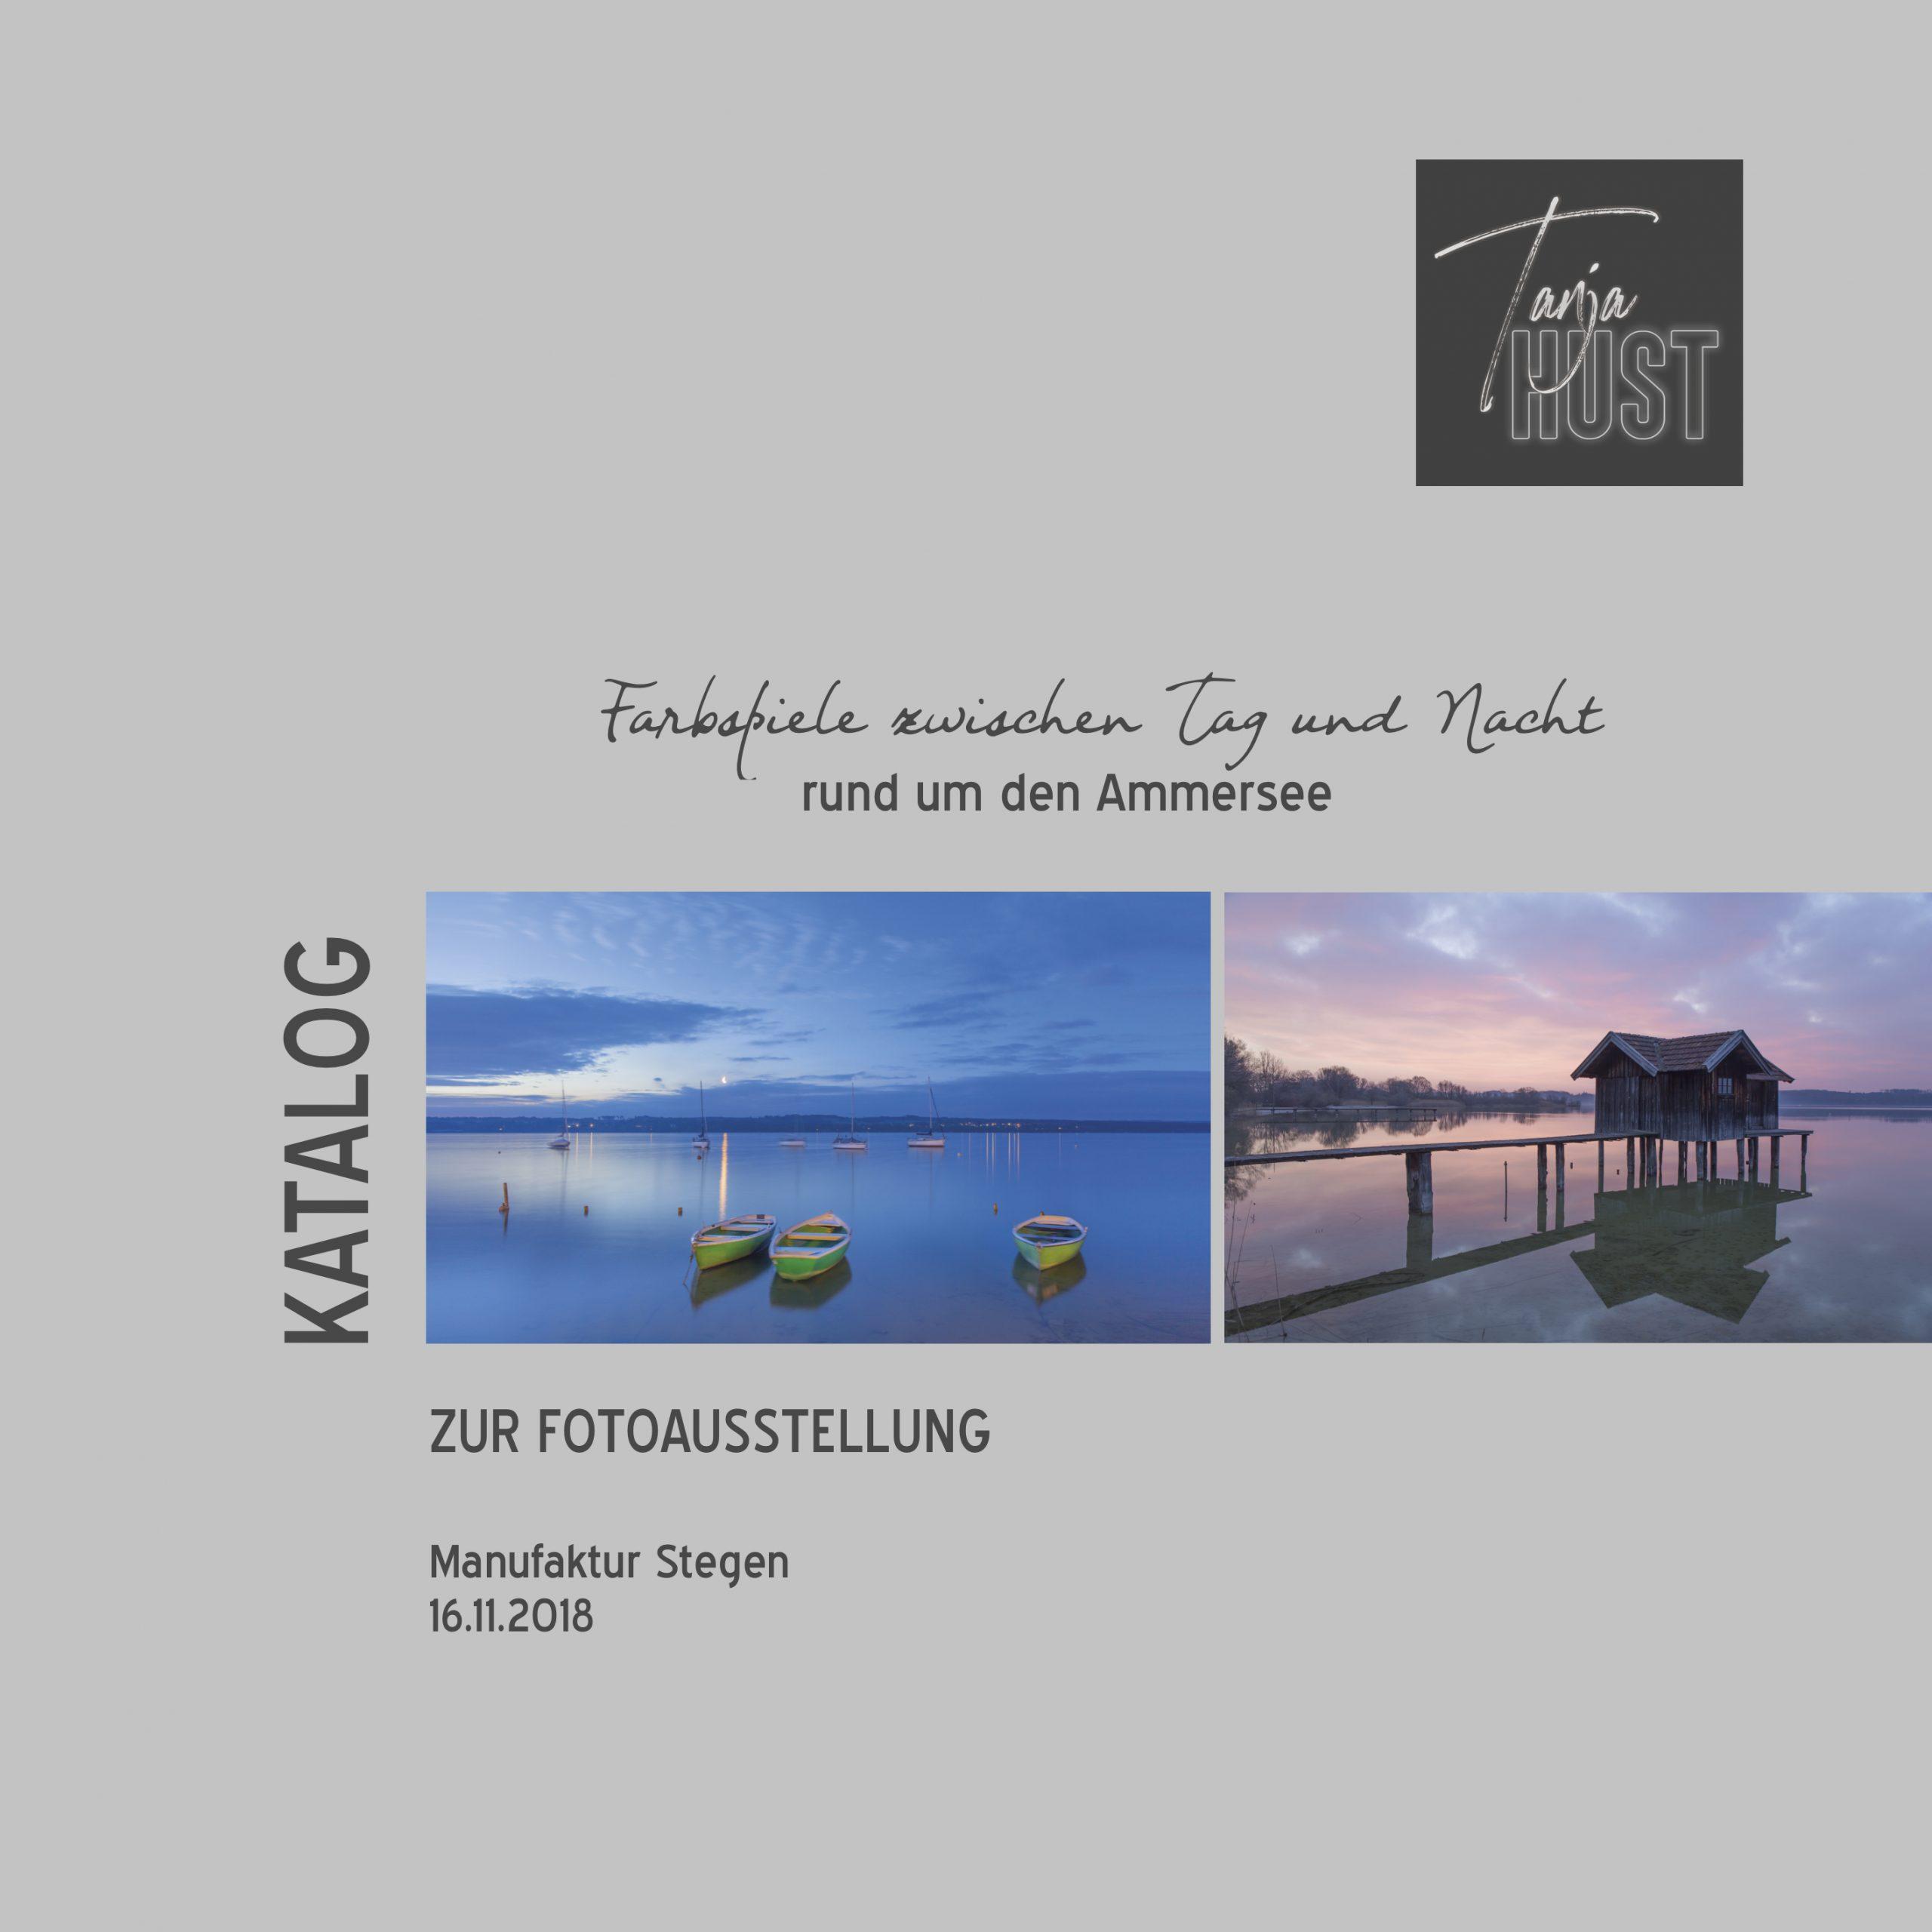 """Film über die Ausstellung """"Farbspiele zwischen Tag und Nacht"""""""